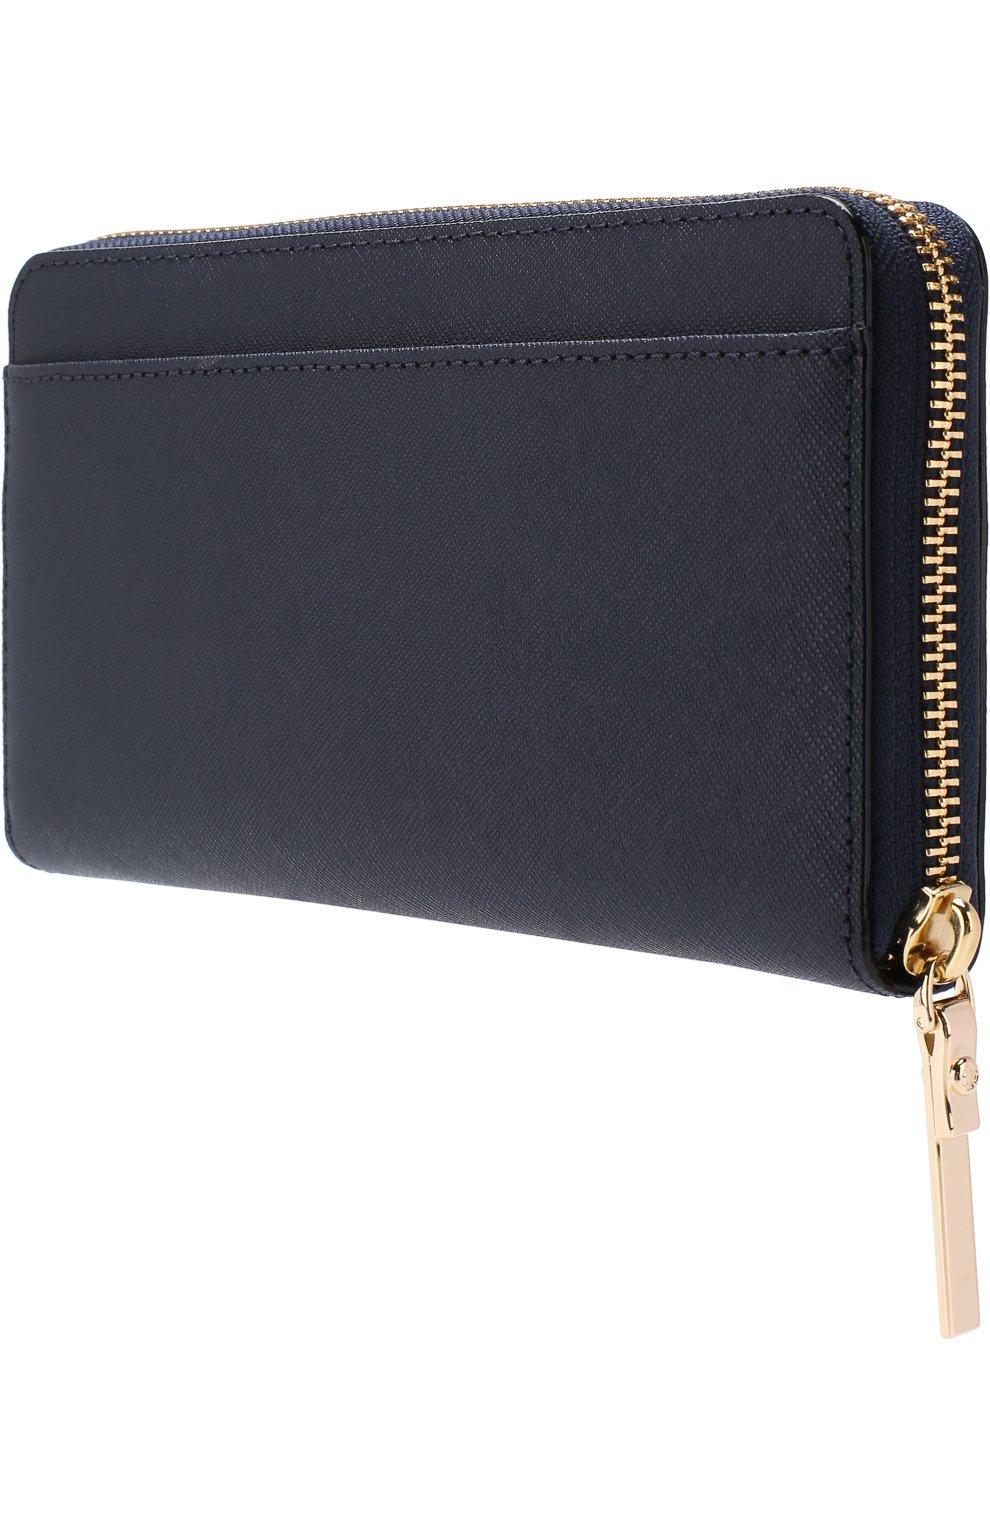 Кожаный кошелек на молнии с логотипом бренда | Фото №2